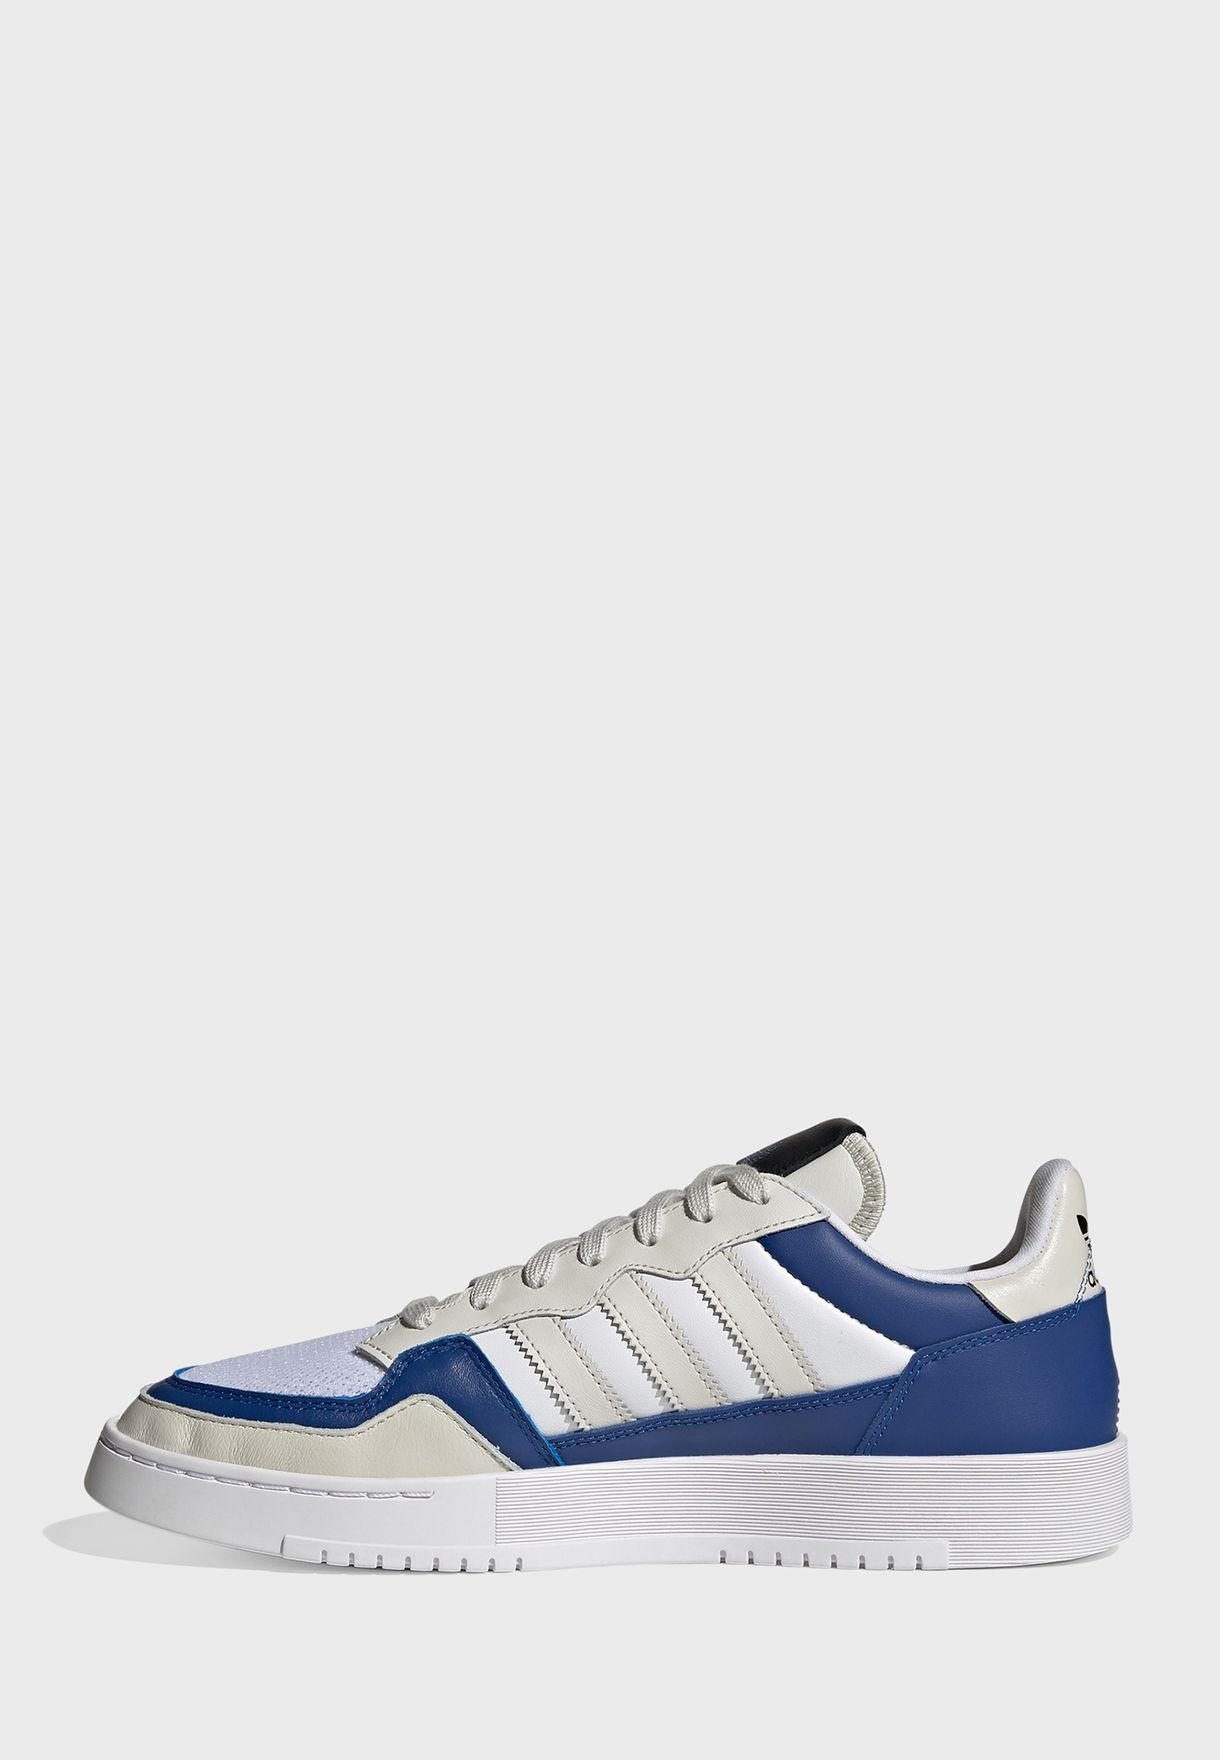 حذاء سوبر كورت أوريجينالز للرجال